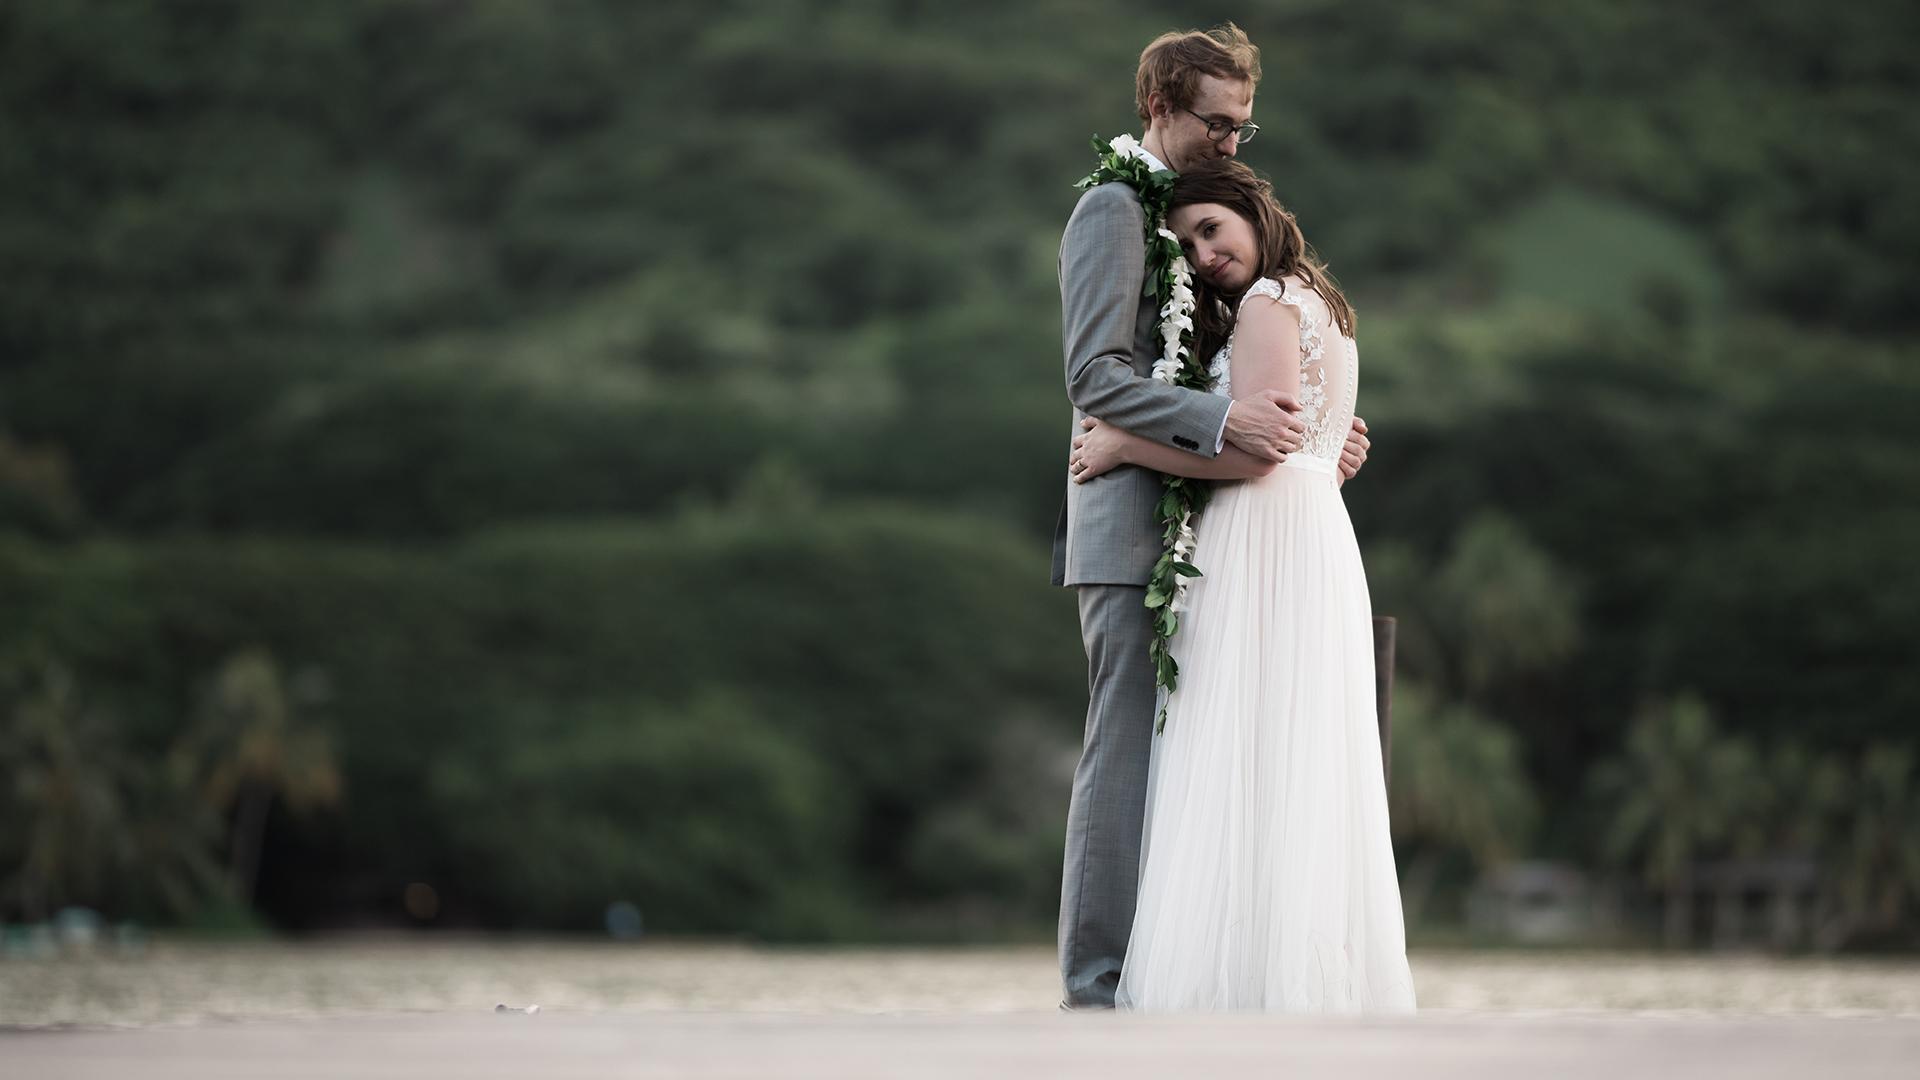 Destination wedding at Kualoa Ranch Hale Nanea, Hawaii.